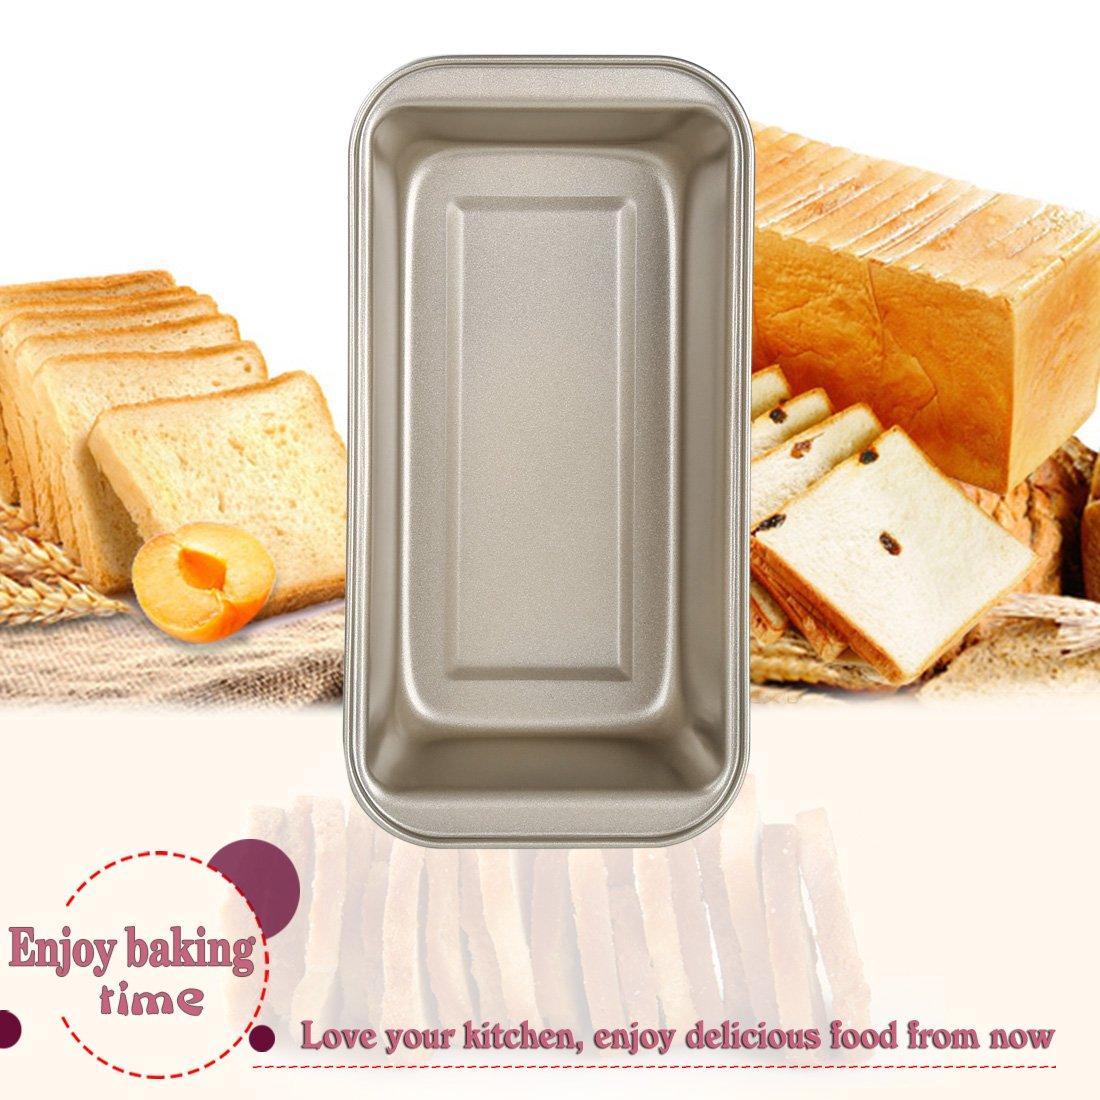 Bojin molde rectangular con Toast Panificadora ortogone antiadherente de acero al carbono: Amazon.es: Hogar